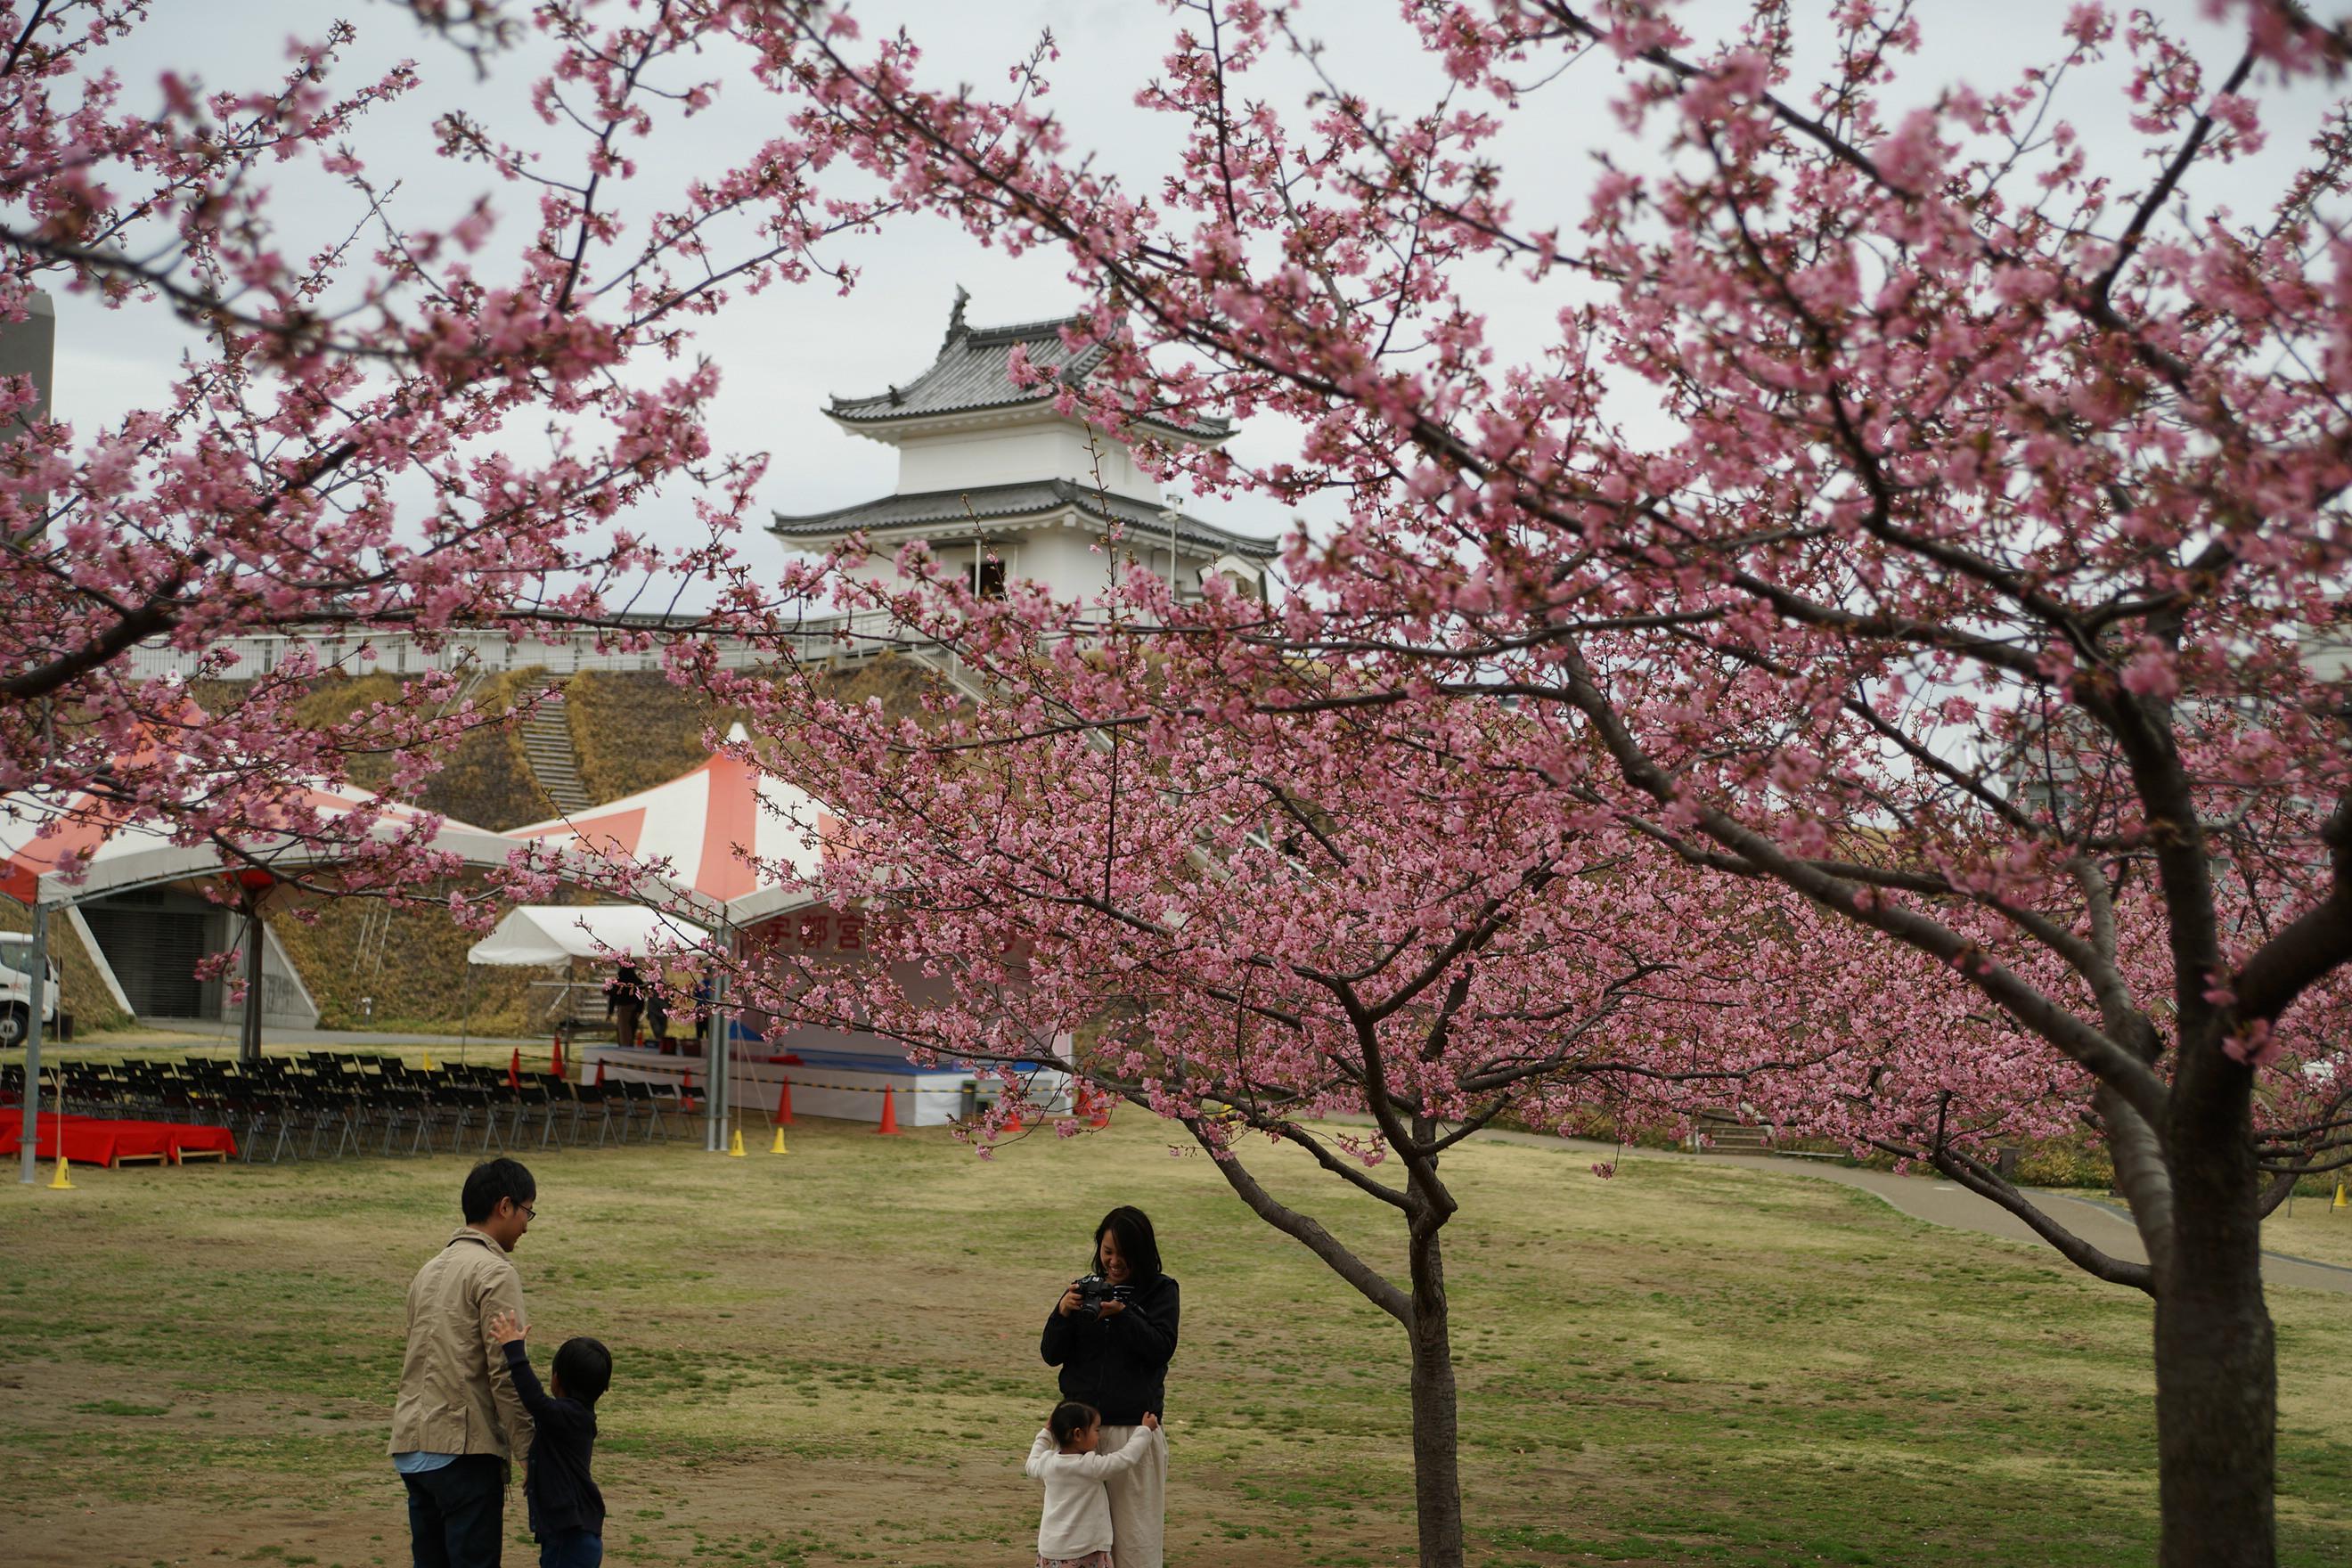 宇都宮城址公園2018年3月16日更新